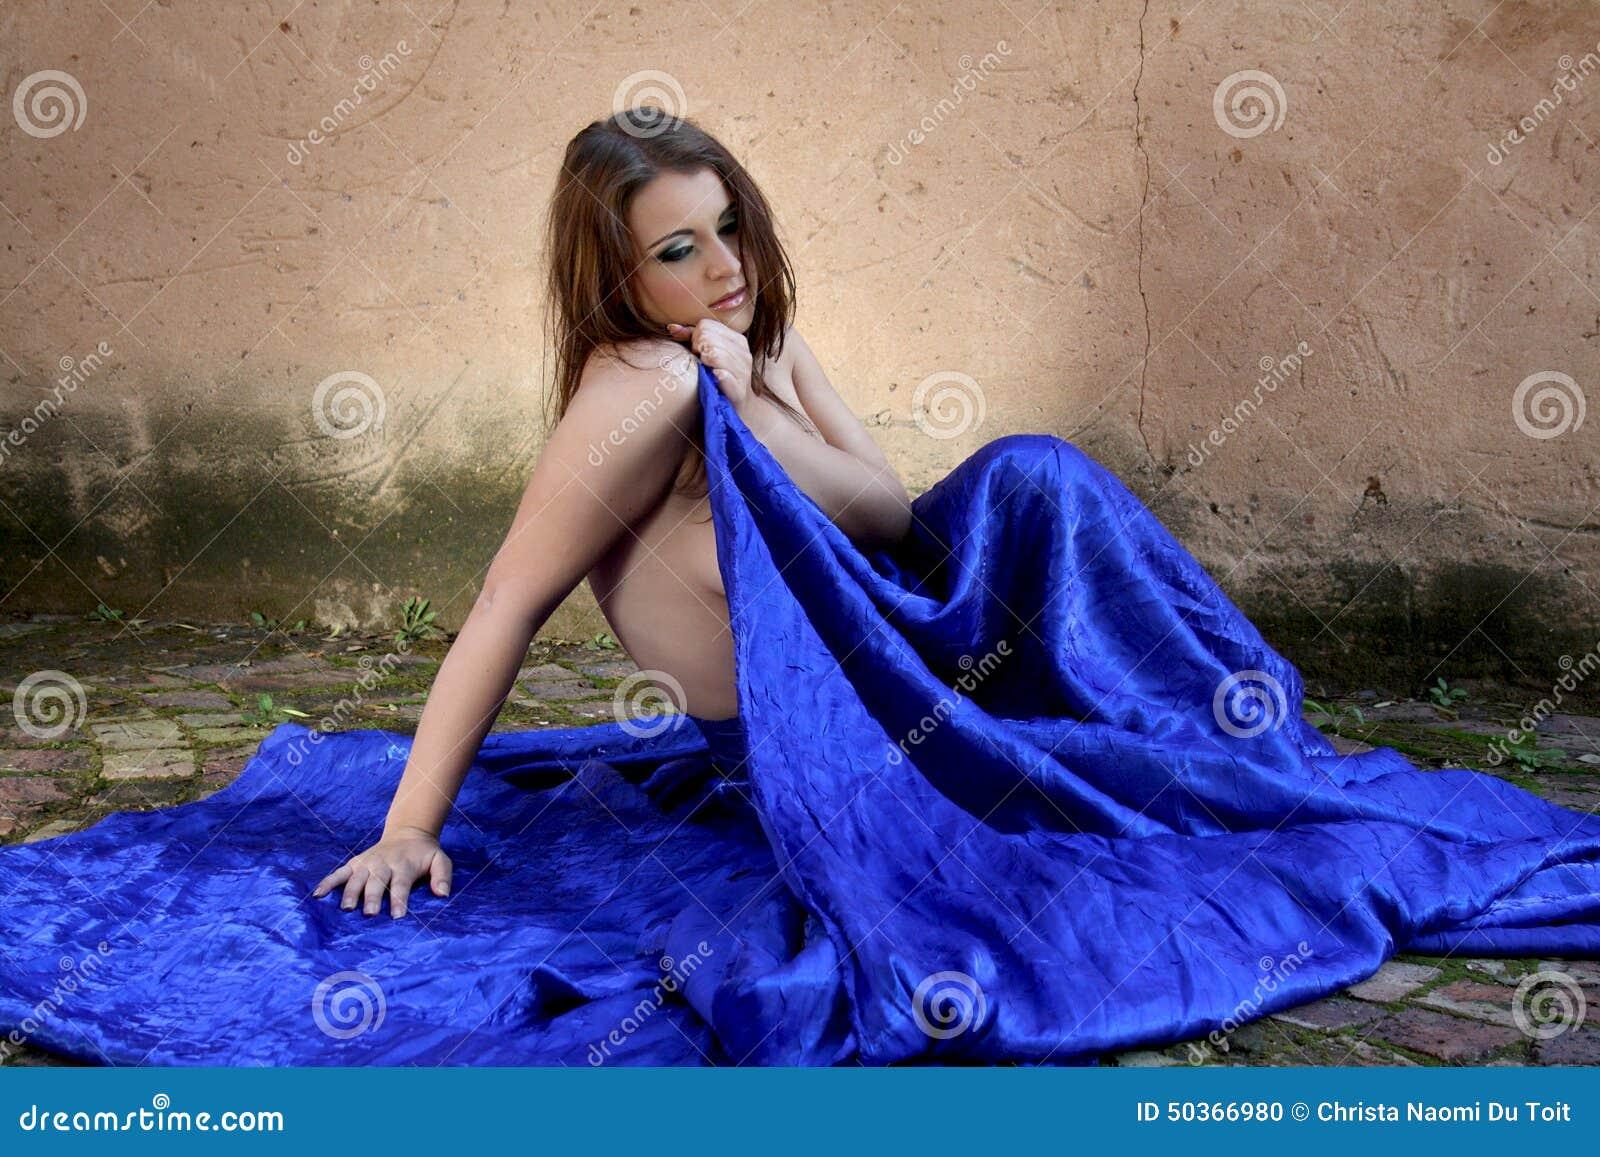 Banco imagen gratuita bella mujer desnuda Nude Photos 50